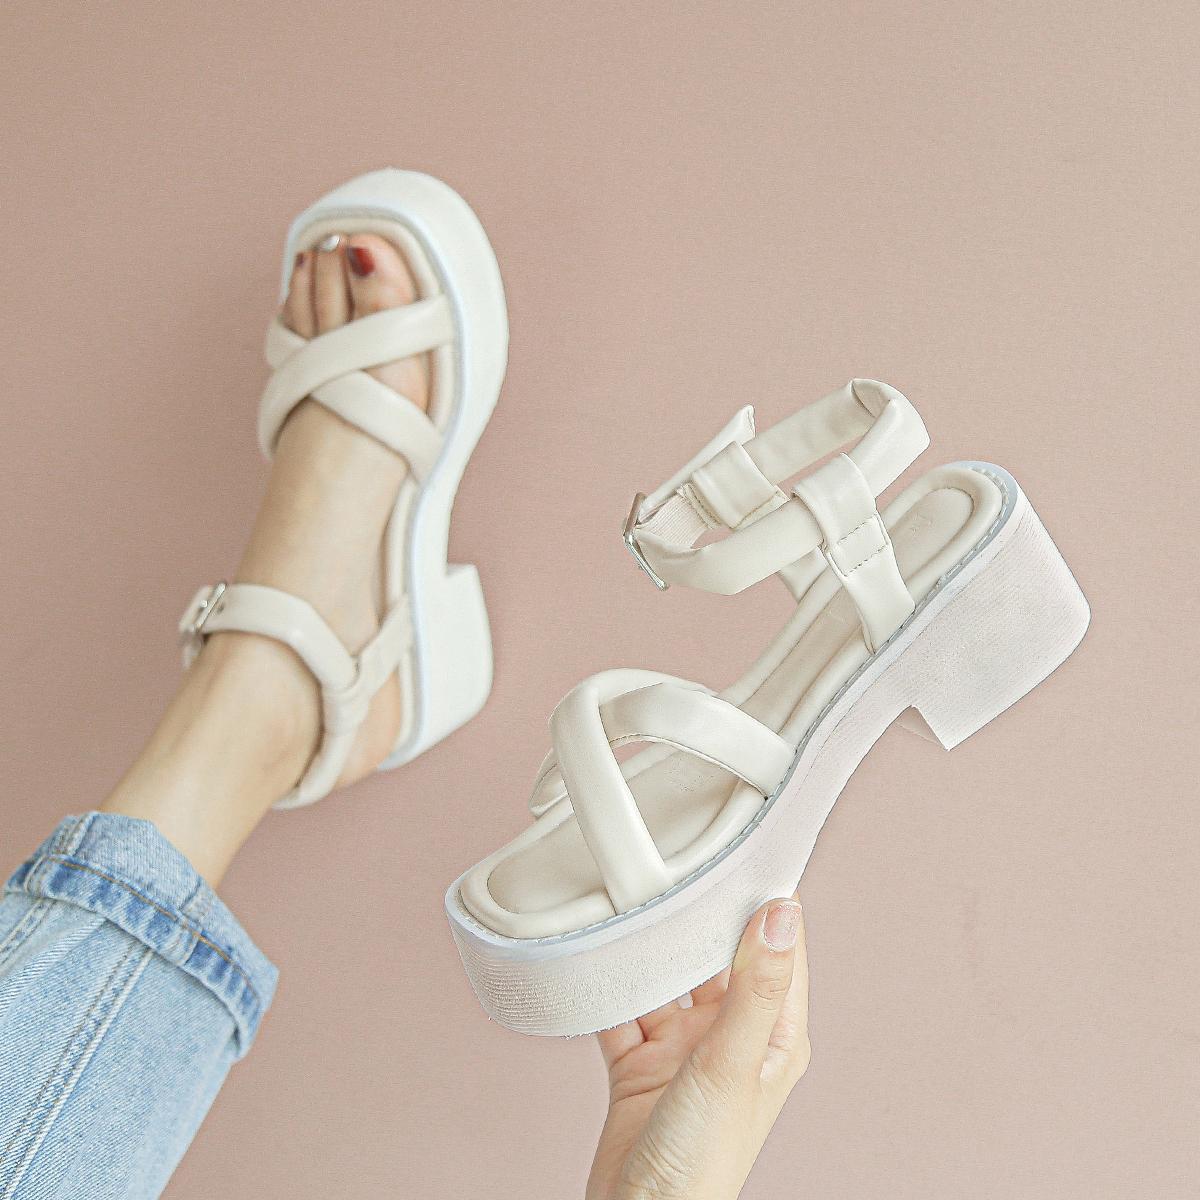 【新品价 118元】2020新款凉鞋女夏季厚底时装百搭松糕底女罗马鞋